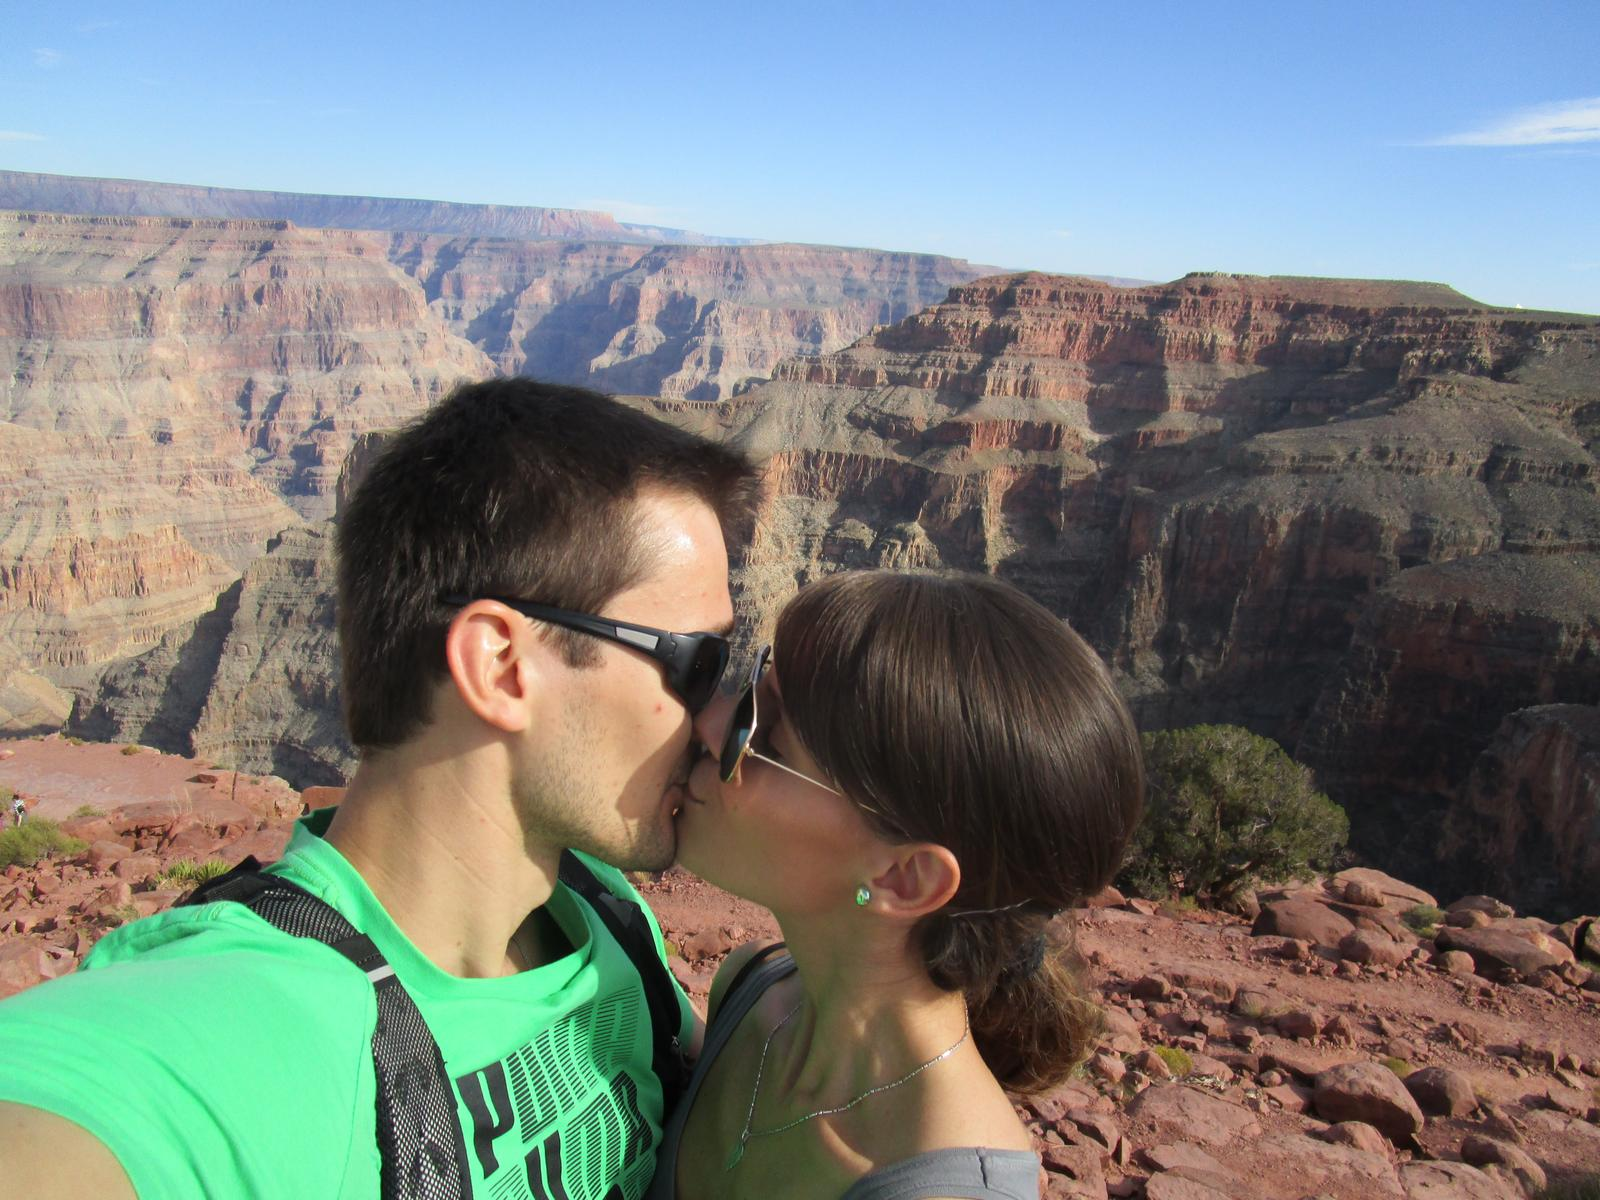 malý výletik s mojou láskou (Grand Canyon) - Obrázok č. 1